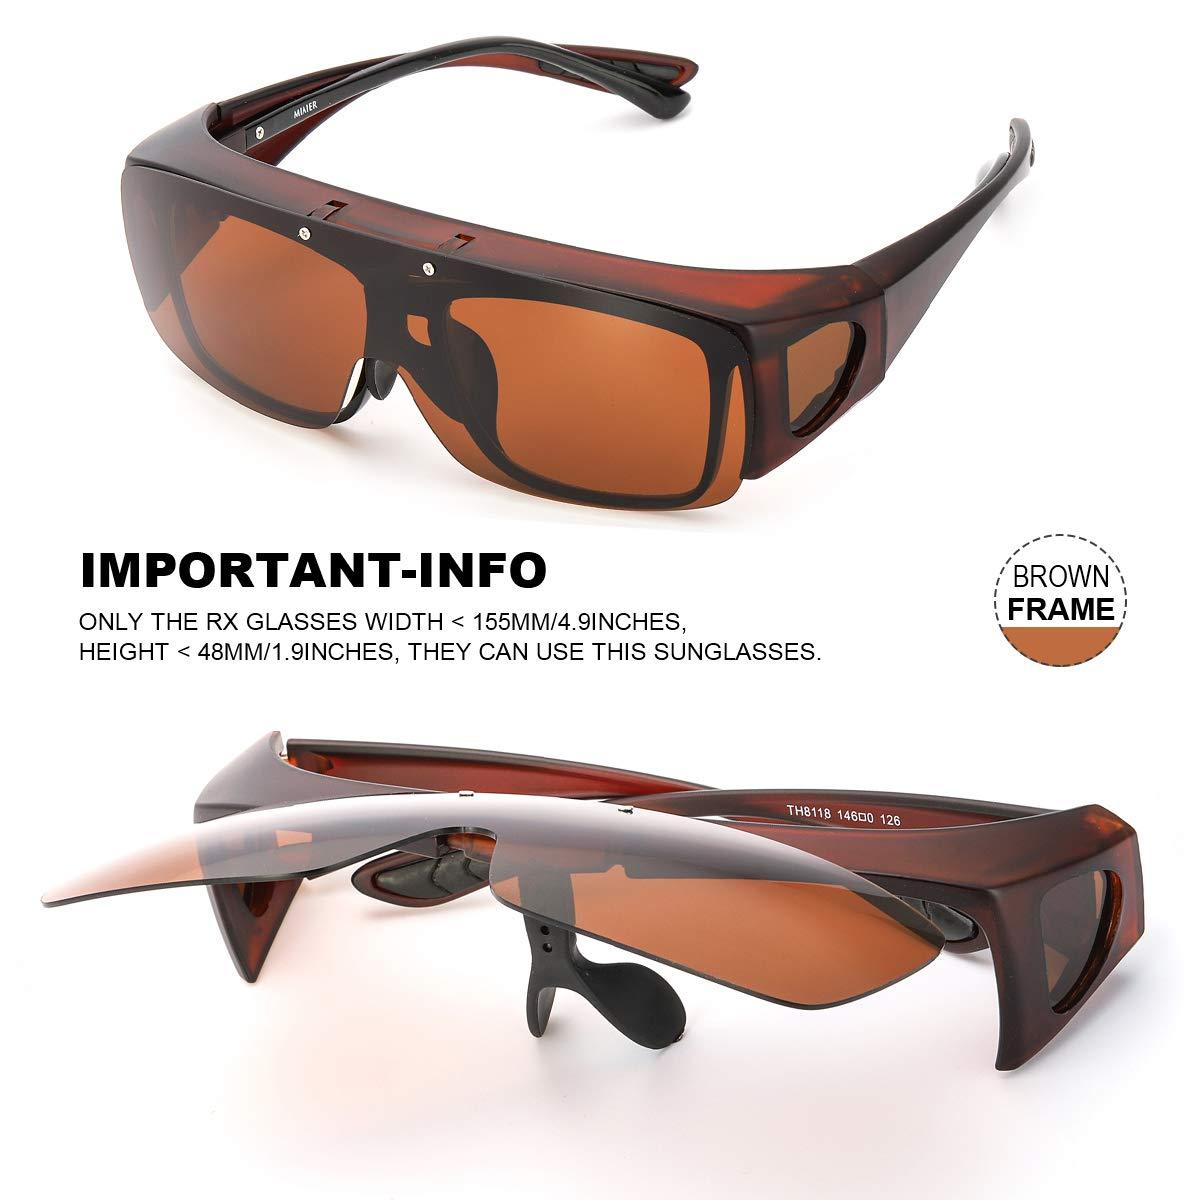 SIPHEW Gafas de Sol Sobre Gafas Graduadas - para Colocar Sobre las Gafas Normales y de Lectura, Protección 100% UVA/UVB, Reducen el Deslumbramiento ...